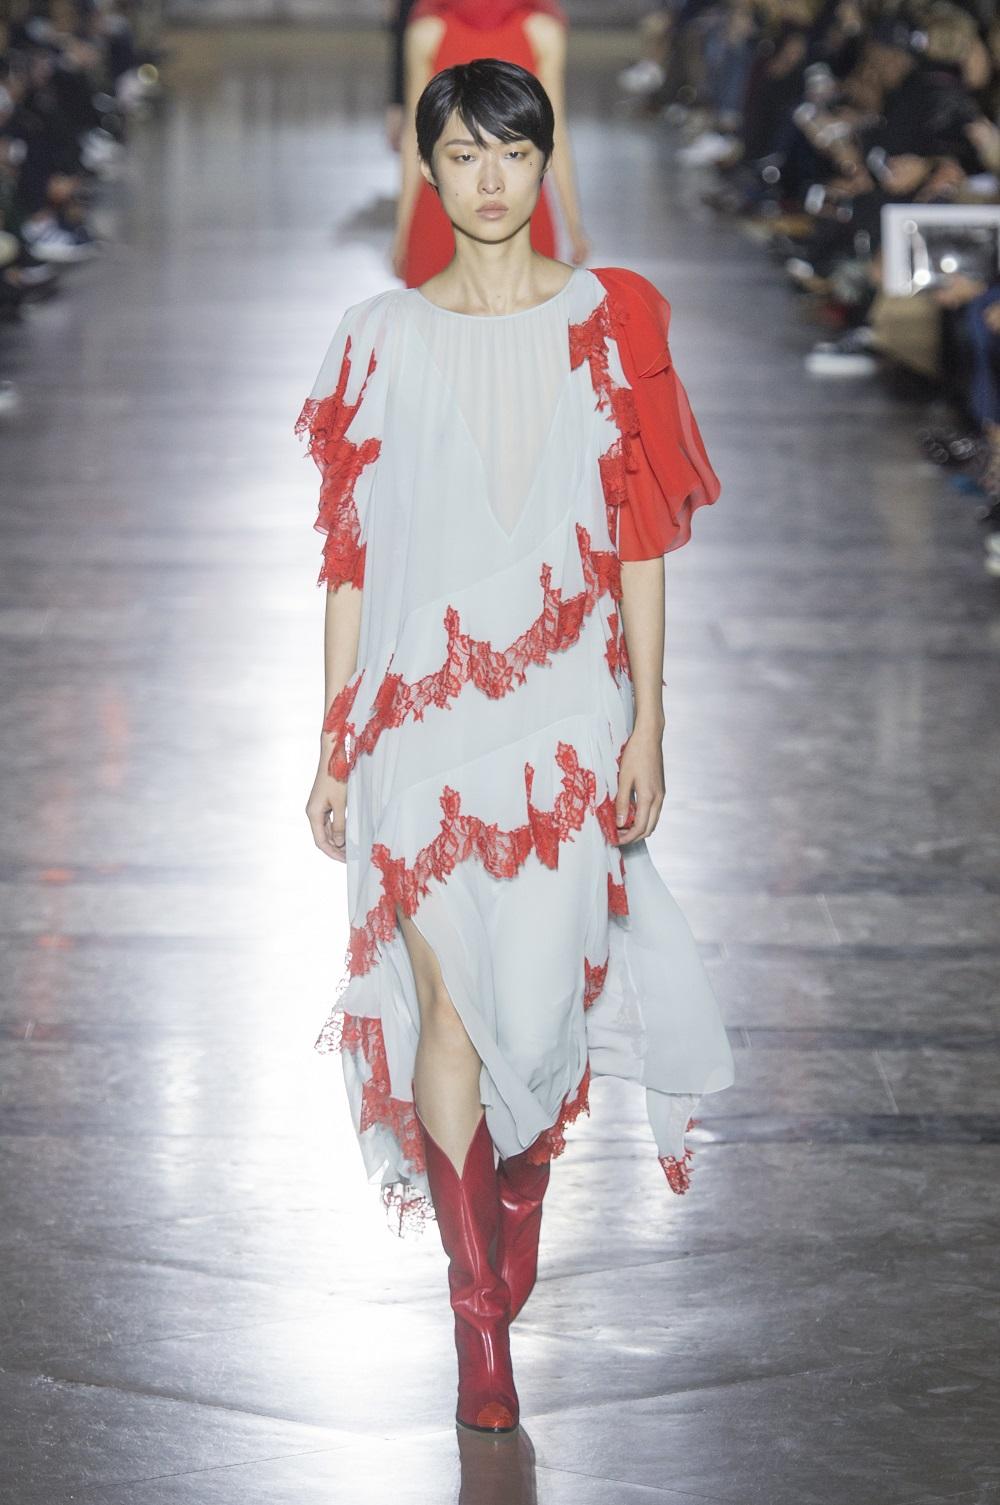 Kochamy to!: czerwone buty z debiutanckiej kolekcji Clare Waight Keller dla Givenchy